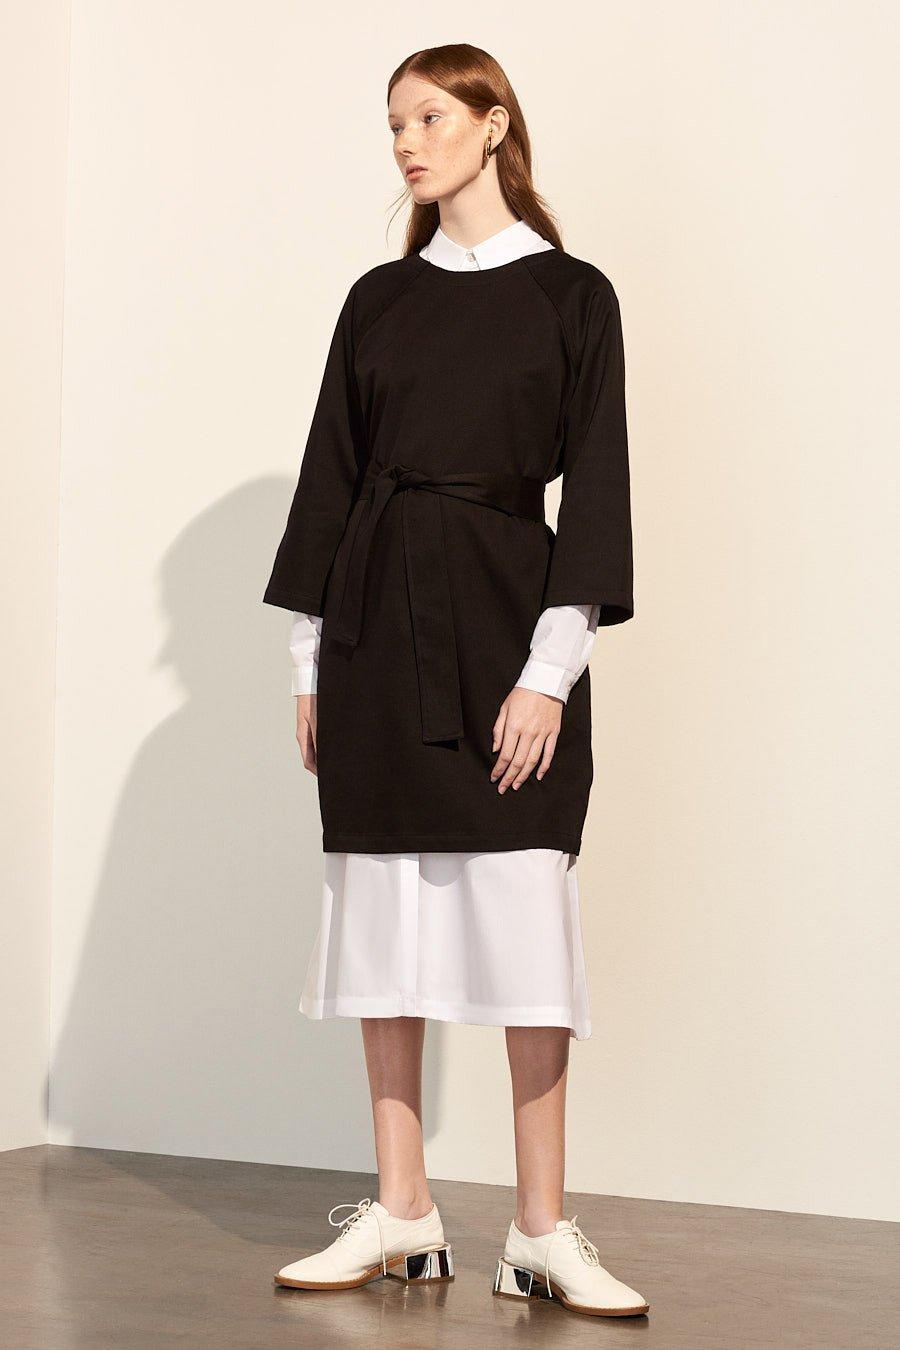 Kowtow Technique Black Sustainable Dress